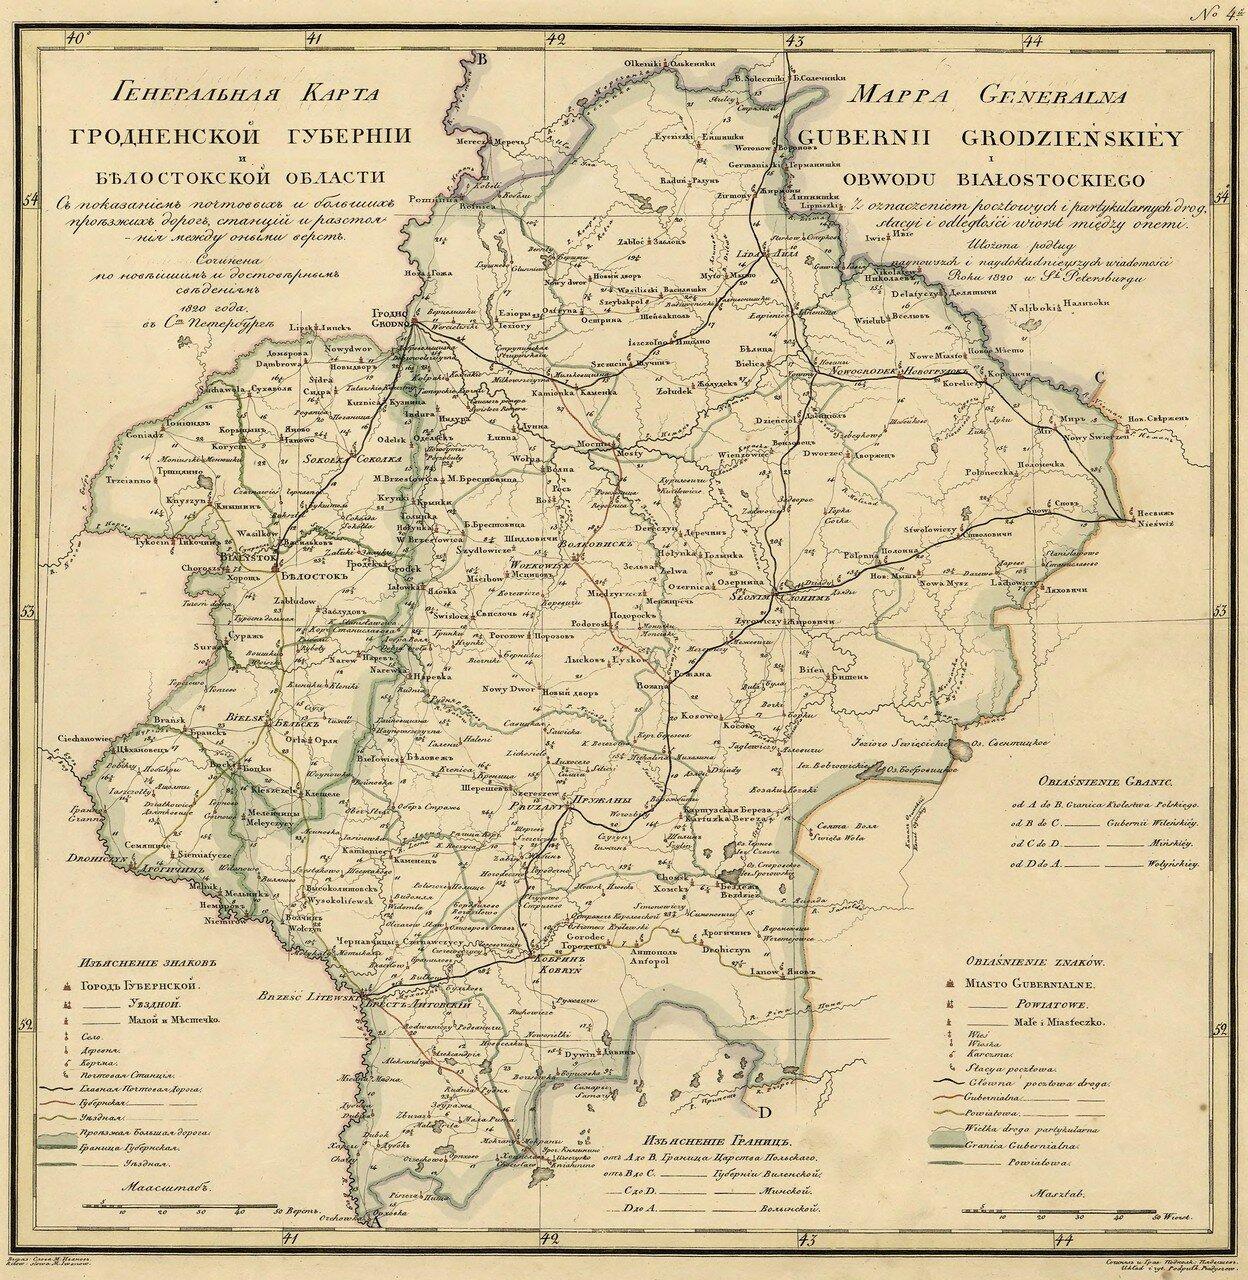 04. Гродненская губерния и Белостокская область. 1820